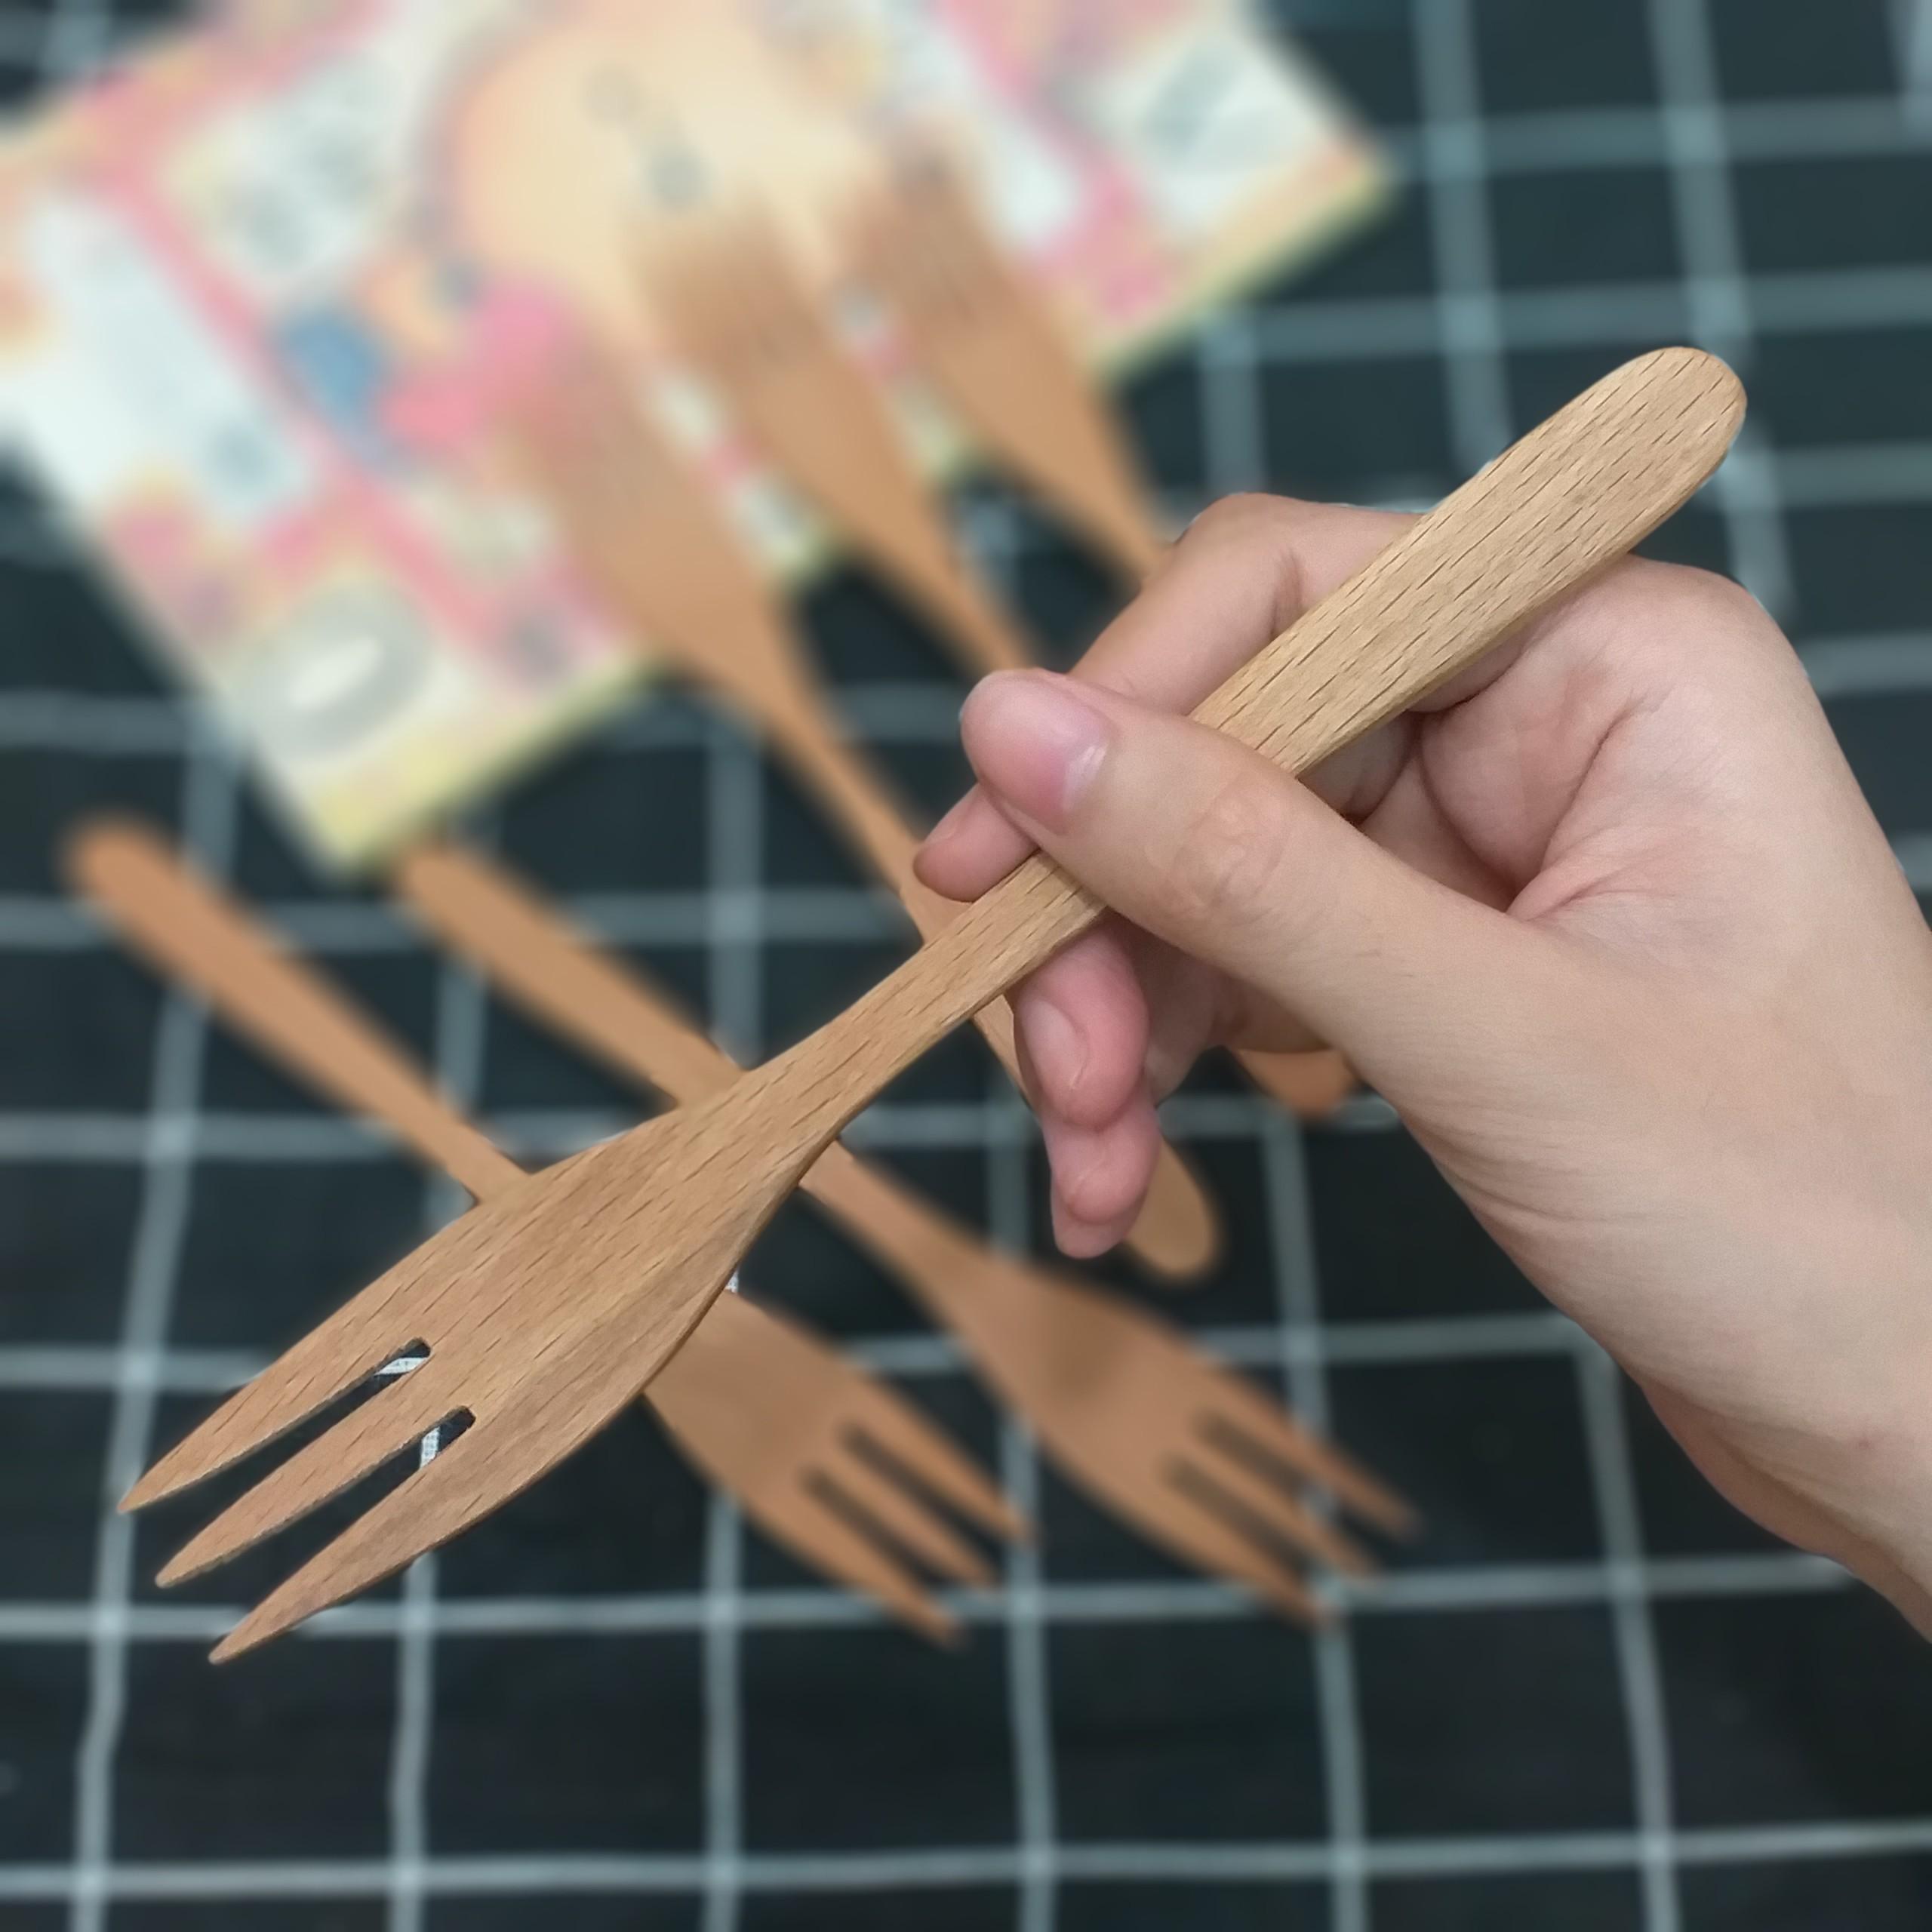 Bộ 6 Nĩa gỗ BEECH 3 chấu Vừa (17,5cmx2,5cm) - Đồ Gỗ Bàn Ăn Tiện Dụng (BE9)